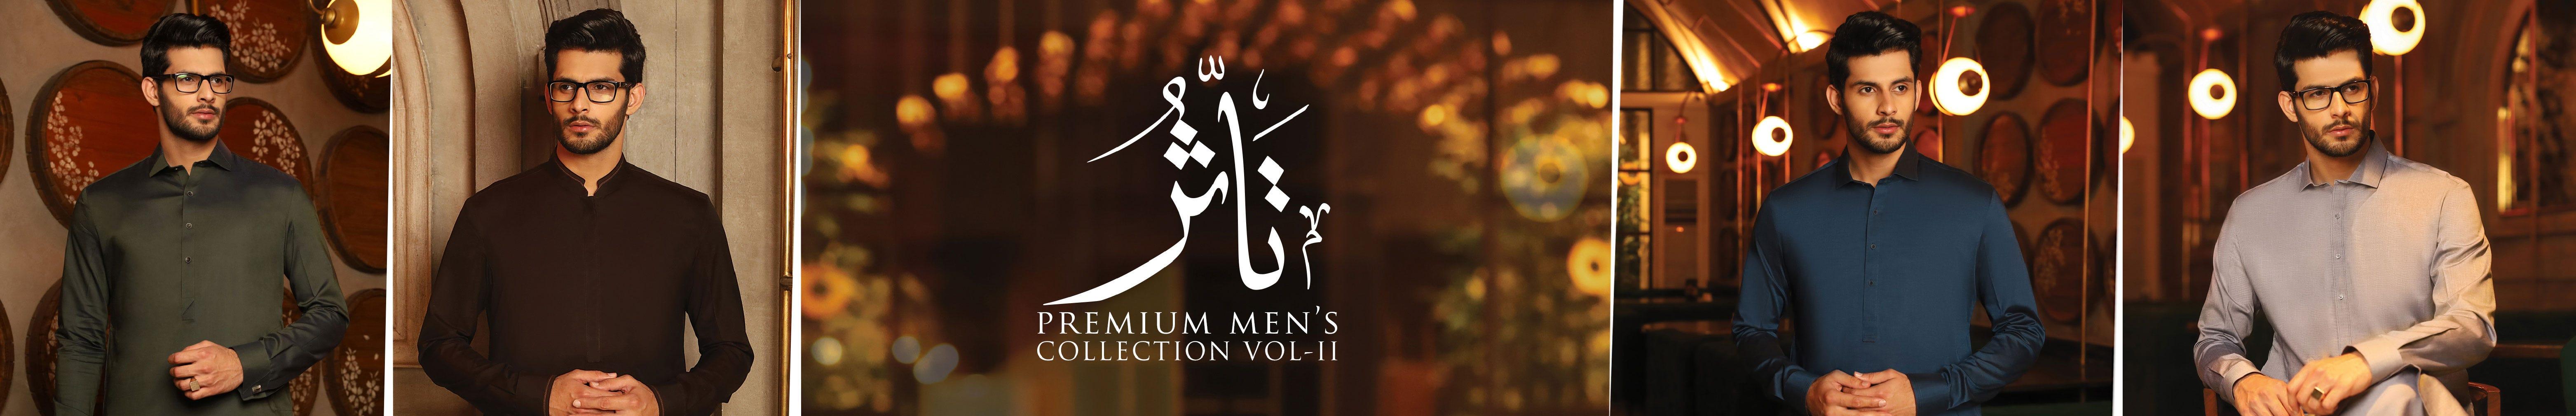 Ta'assur Premium Collection